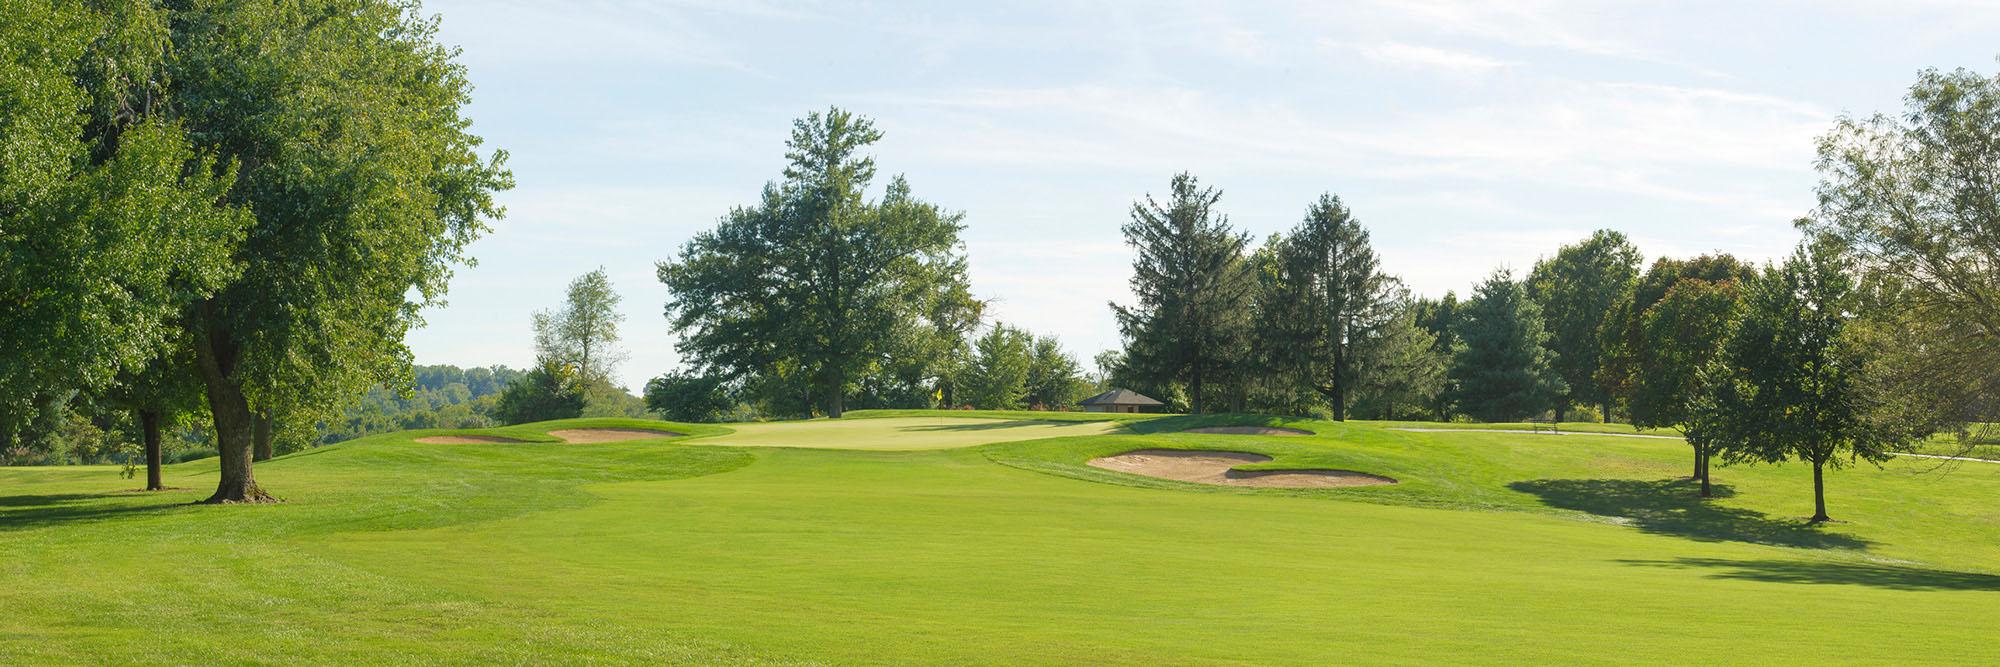 Golf Course Image - Hickory Hills No. 3